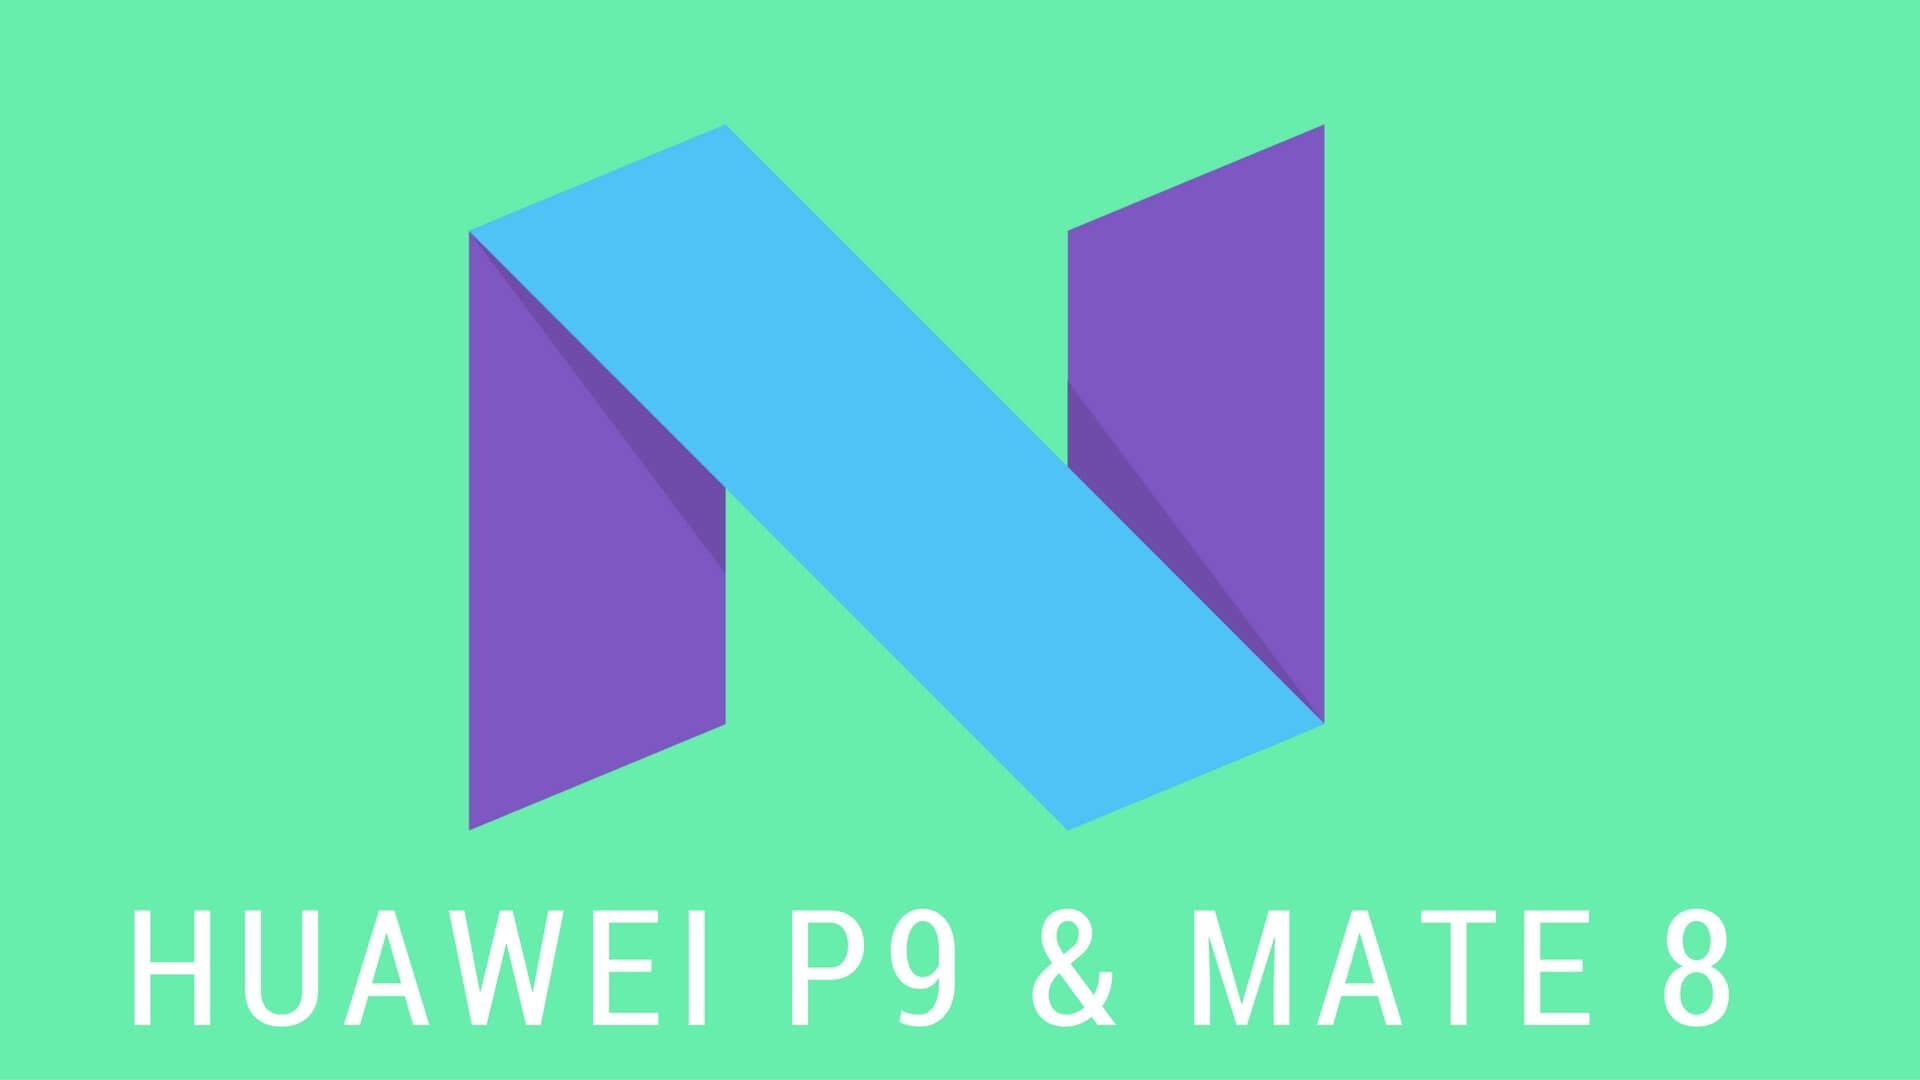 HUAWEI P9 & MATE 8